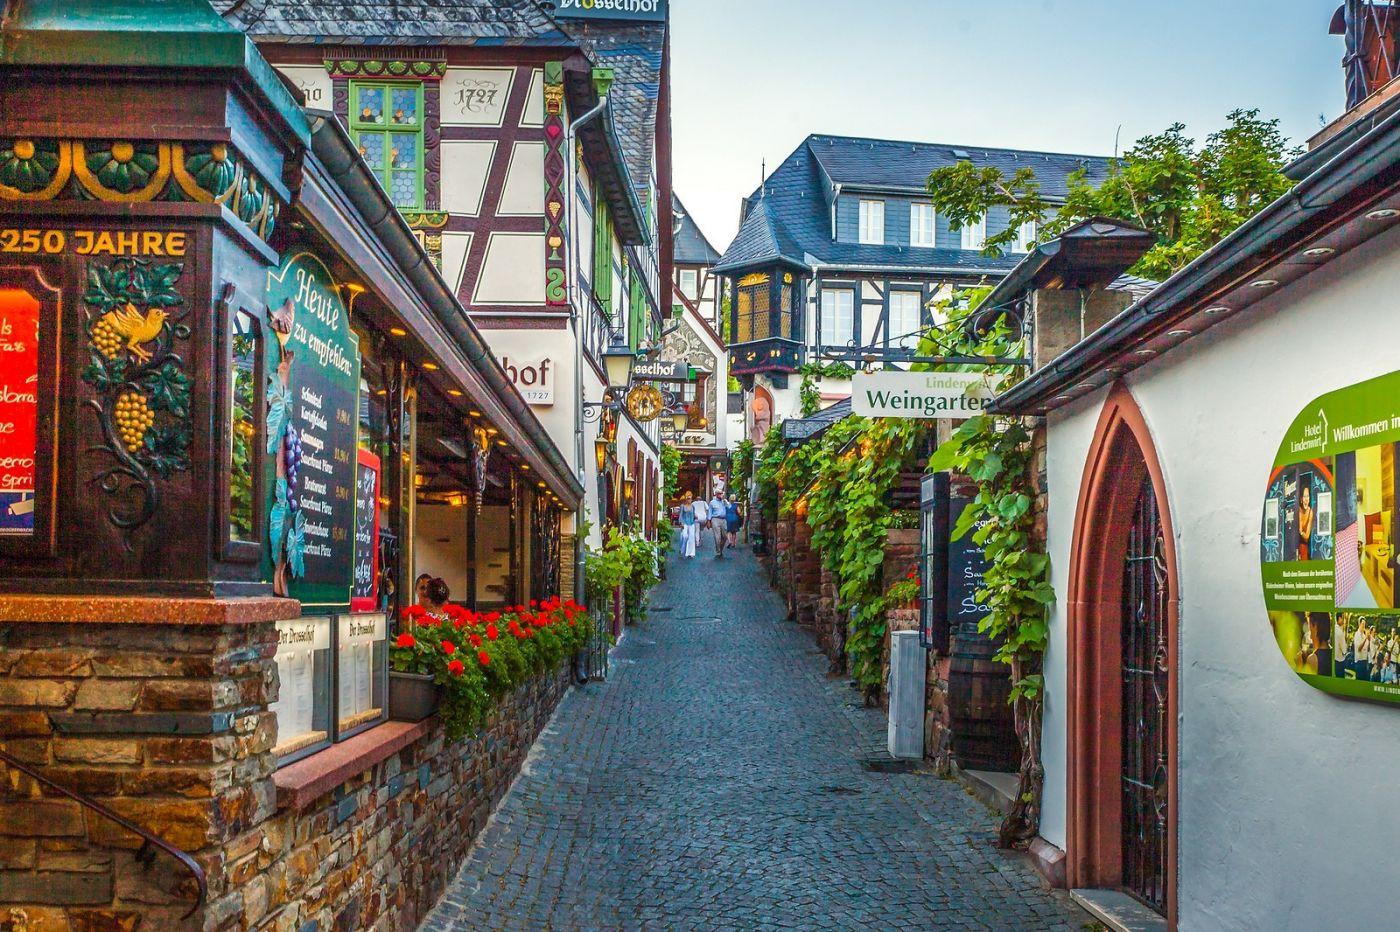 德国吕德斯海姆(Rudesheim),莱茵河畔的小镇_图1-16